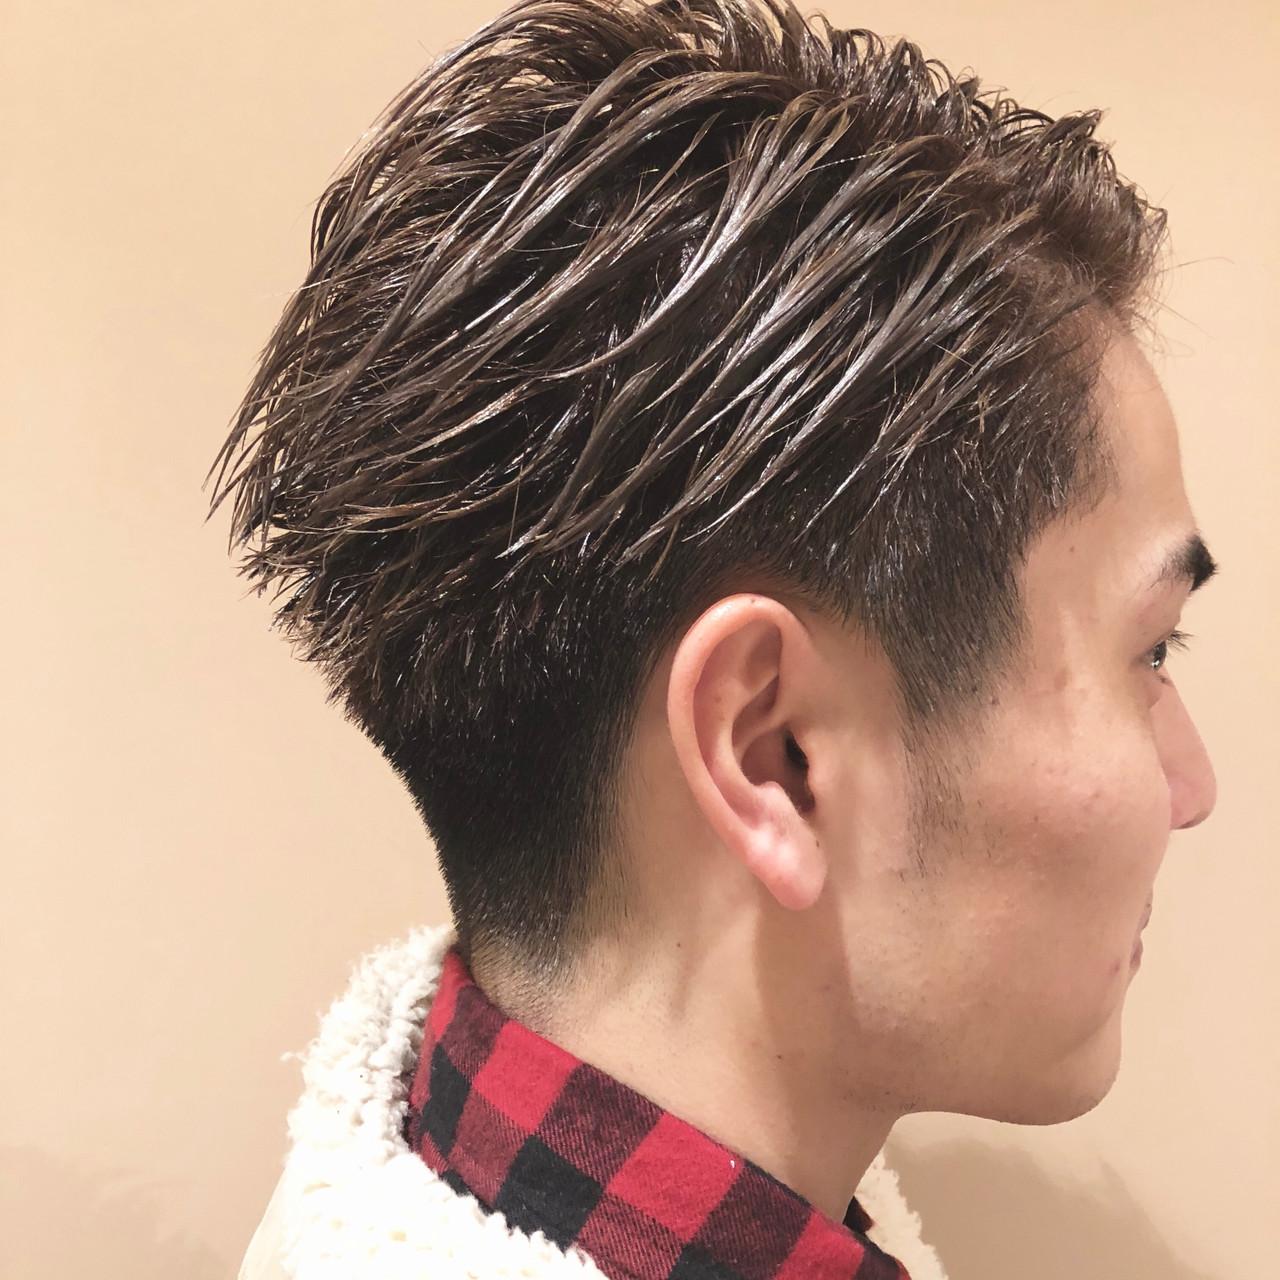 イメチェン メンズショート ナチュラル ショート ヘアスタイルや髪型の写真・画像